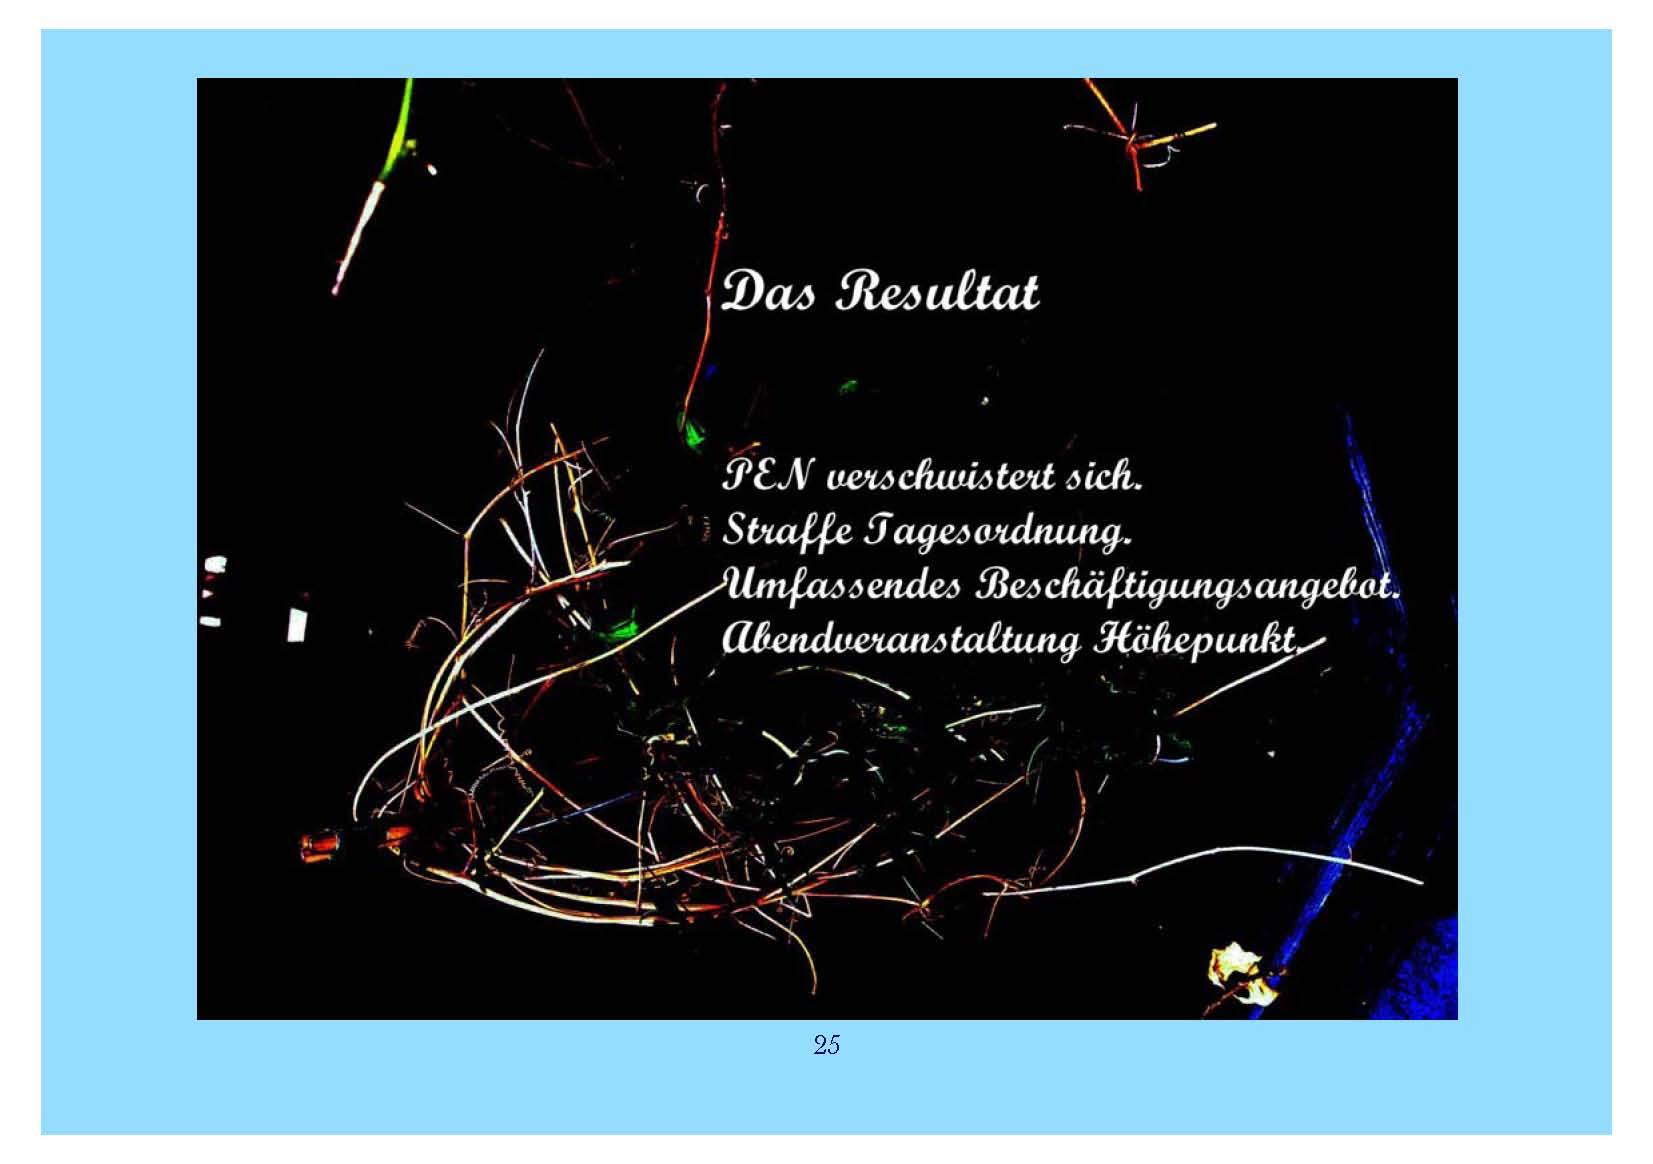 ™Gigabuch-Bibliothek/iAutobiographie Band 15/Bild 1107